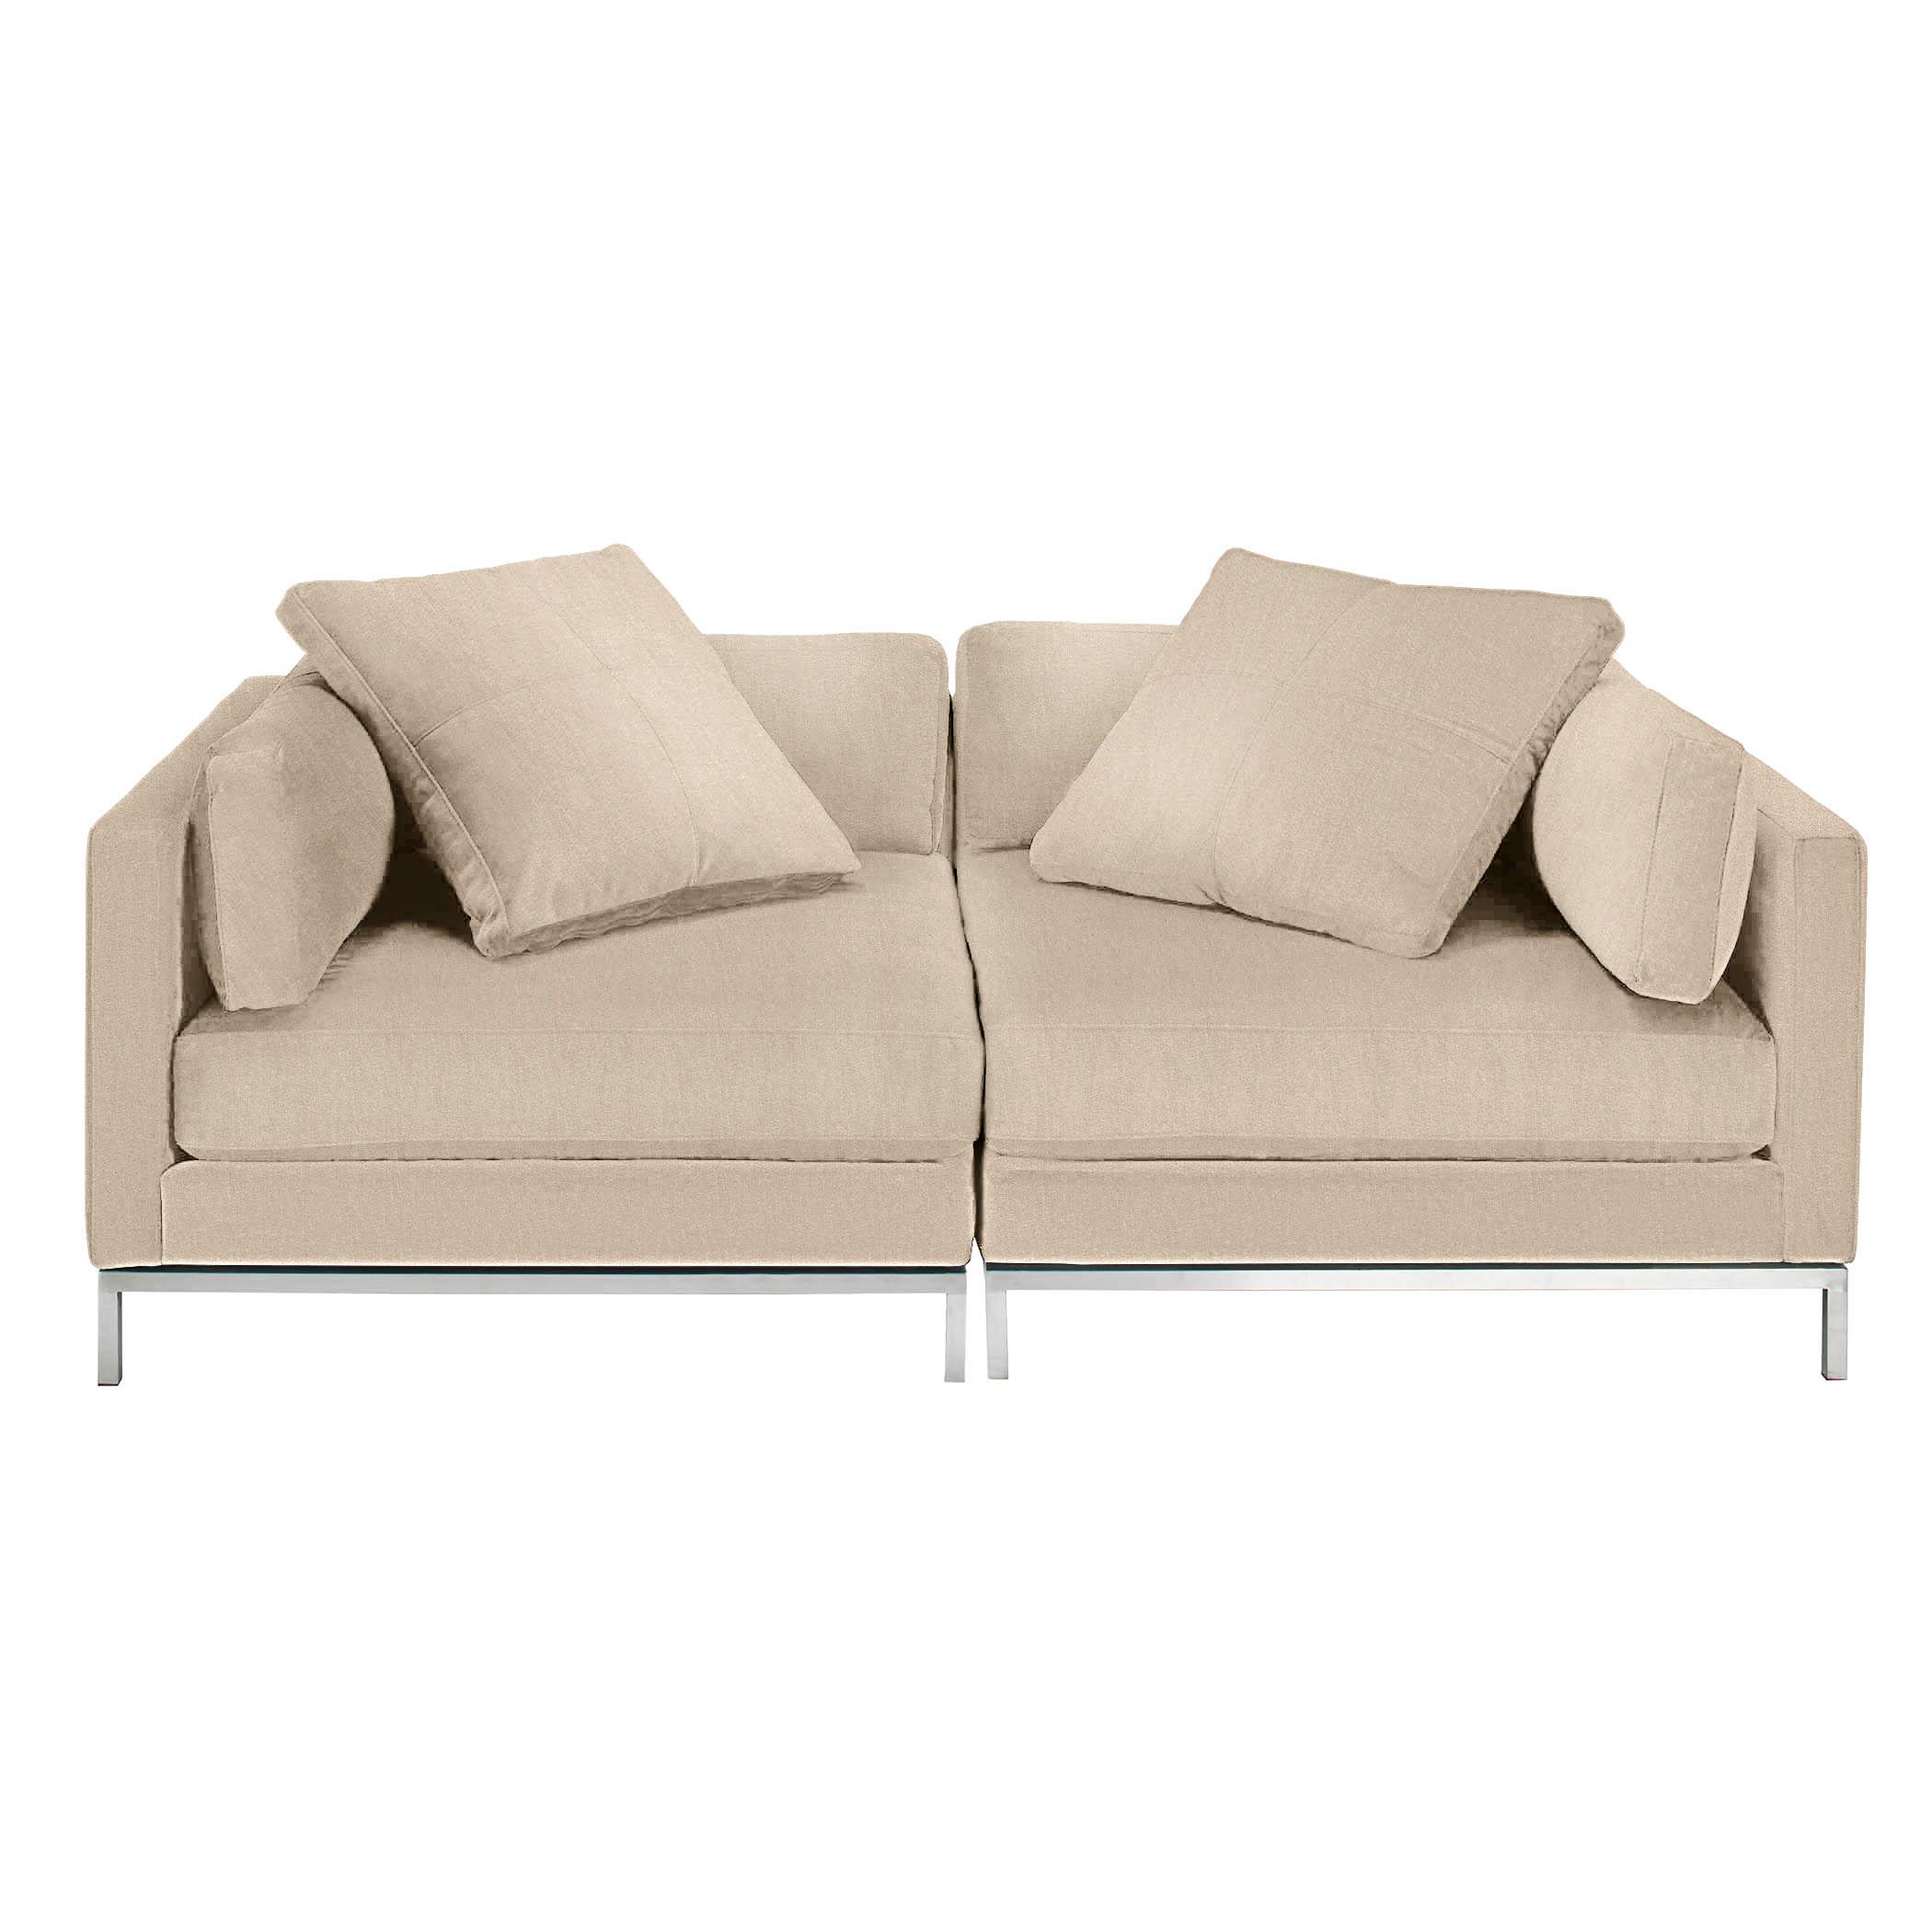 Ventura Sofa 2 Pc Duplicity